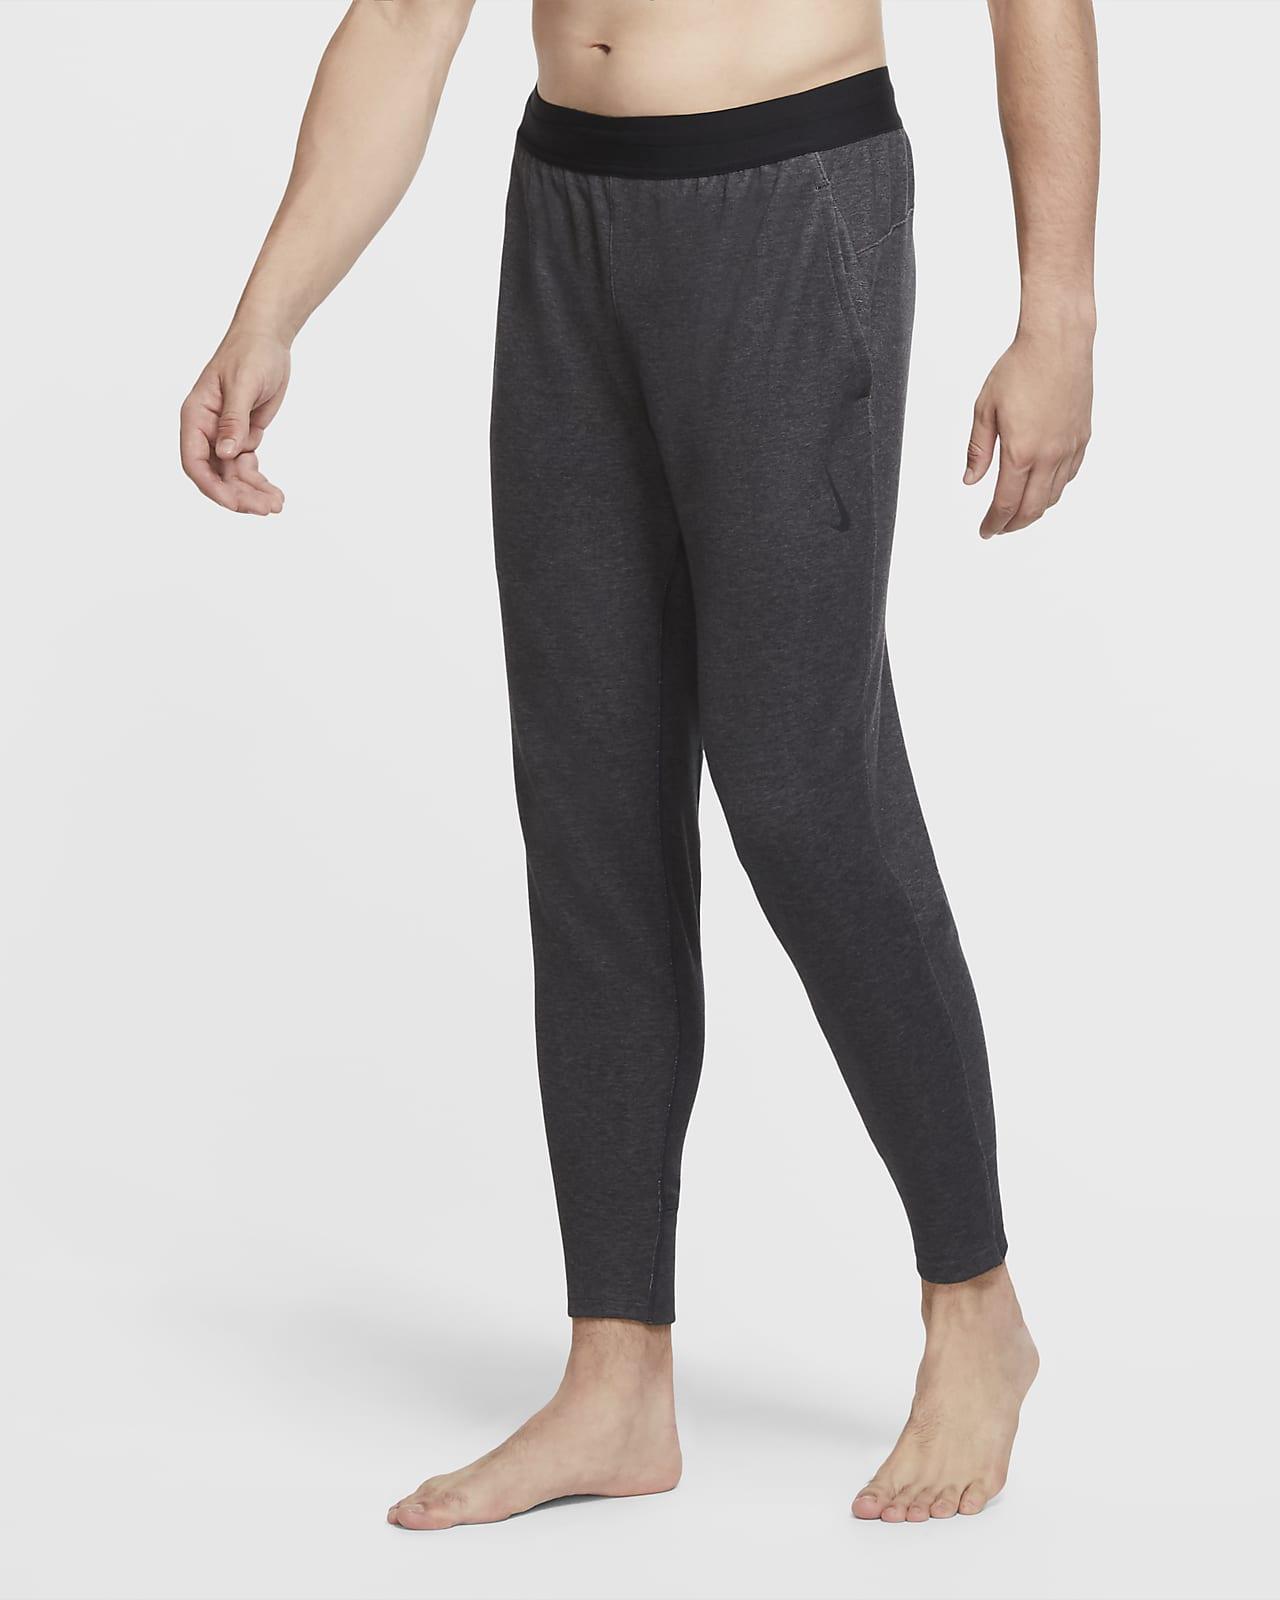 Spodnie męskie Nike Yoga